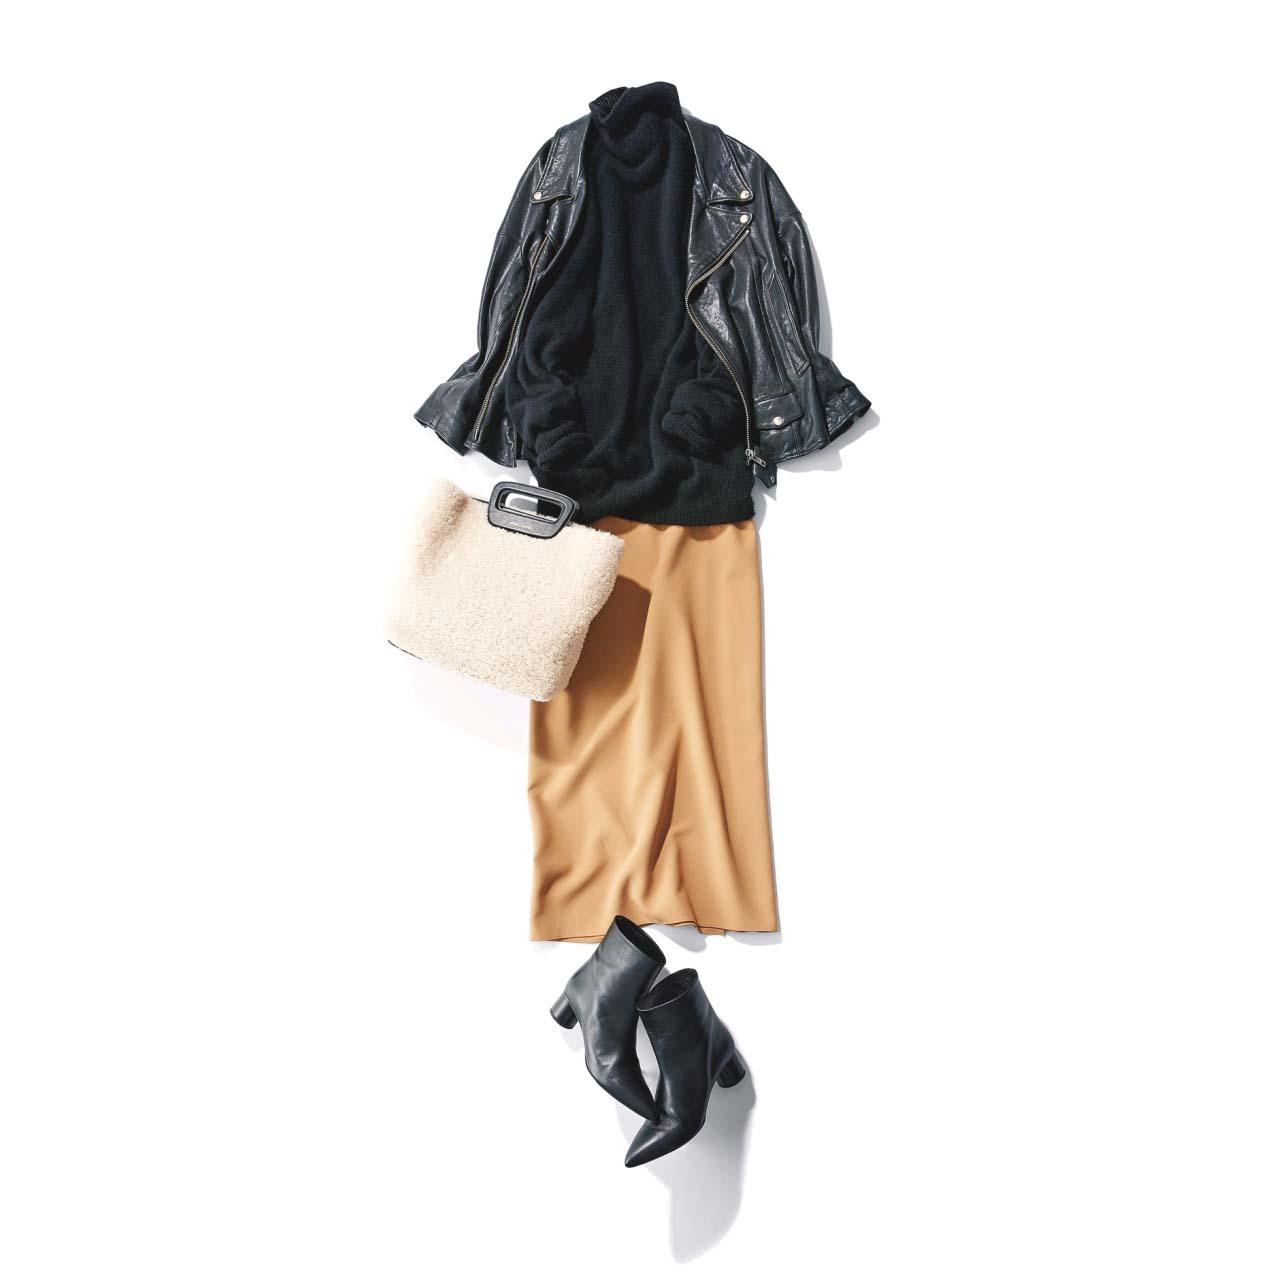 ライダースジャケット×ロングタイトスカートの着痩せコーデ